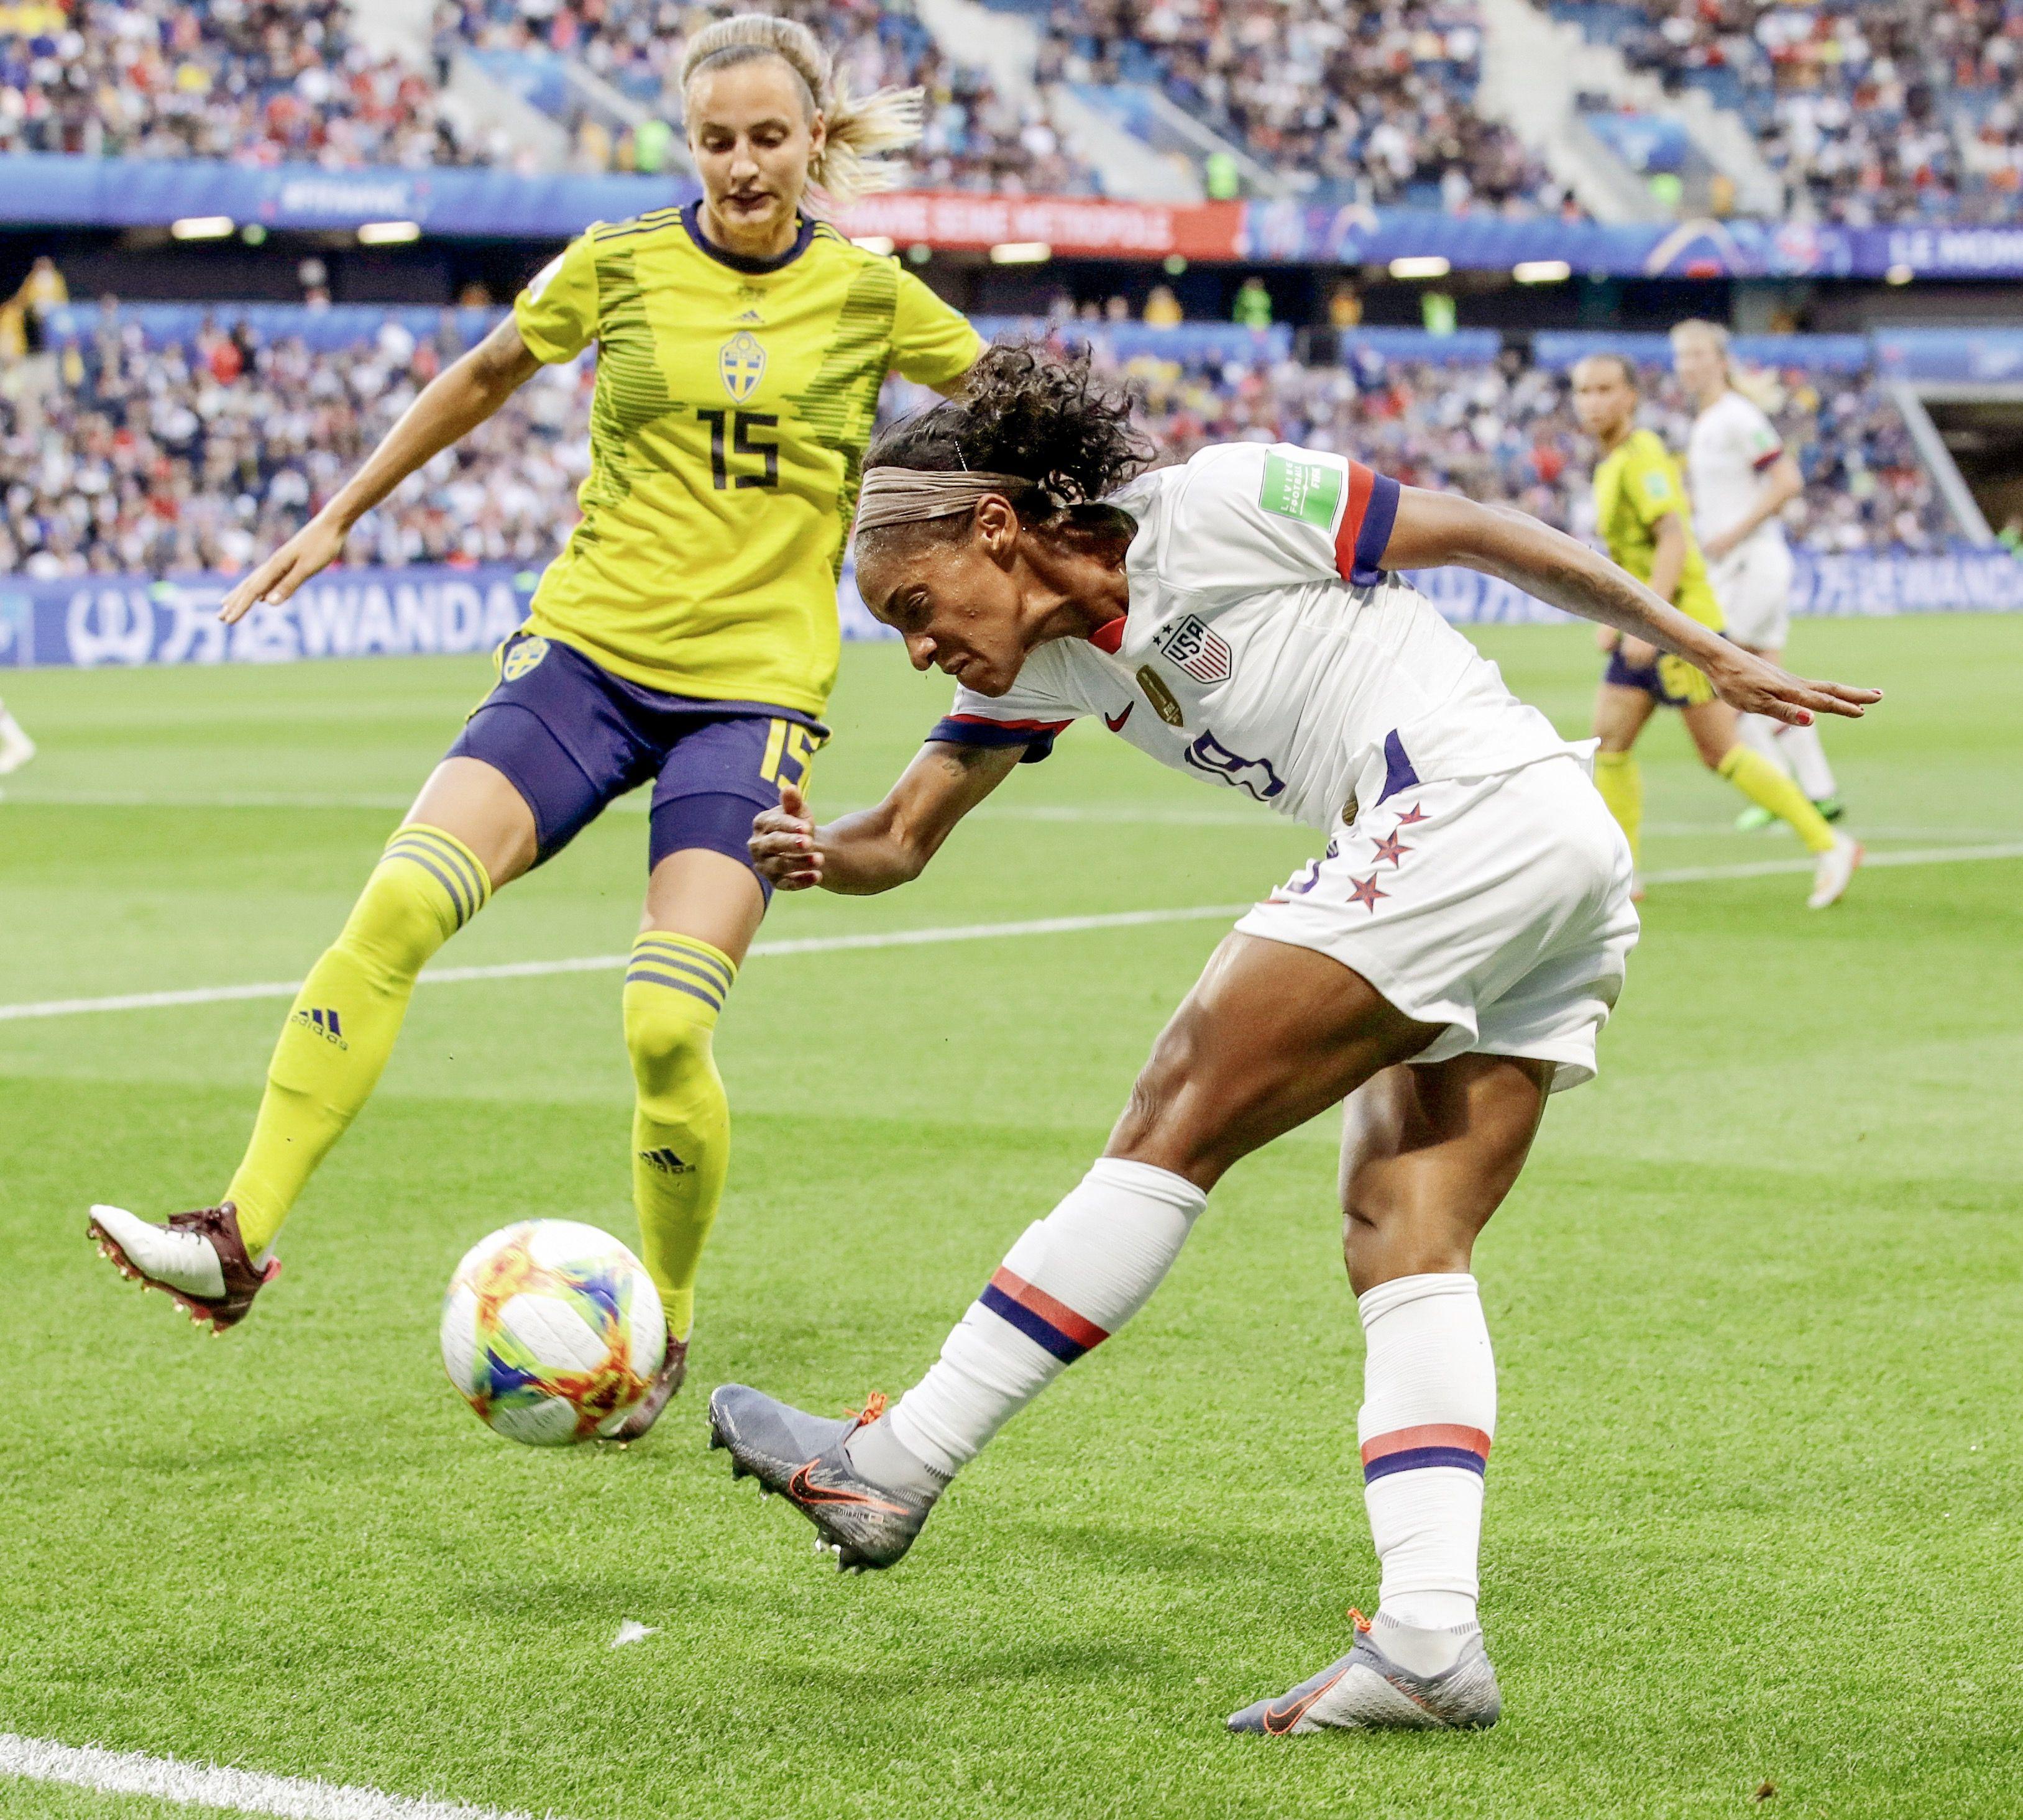 Crystal Dunn 19 (right), USWNT vs Sweden Soccer match